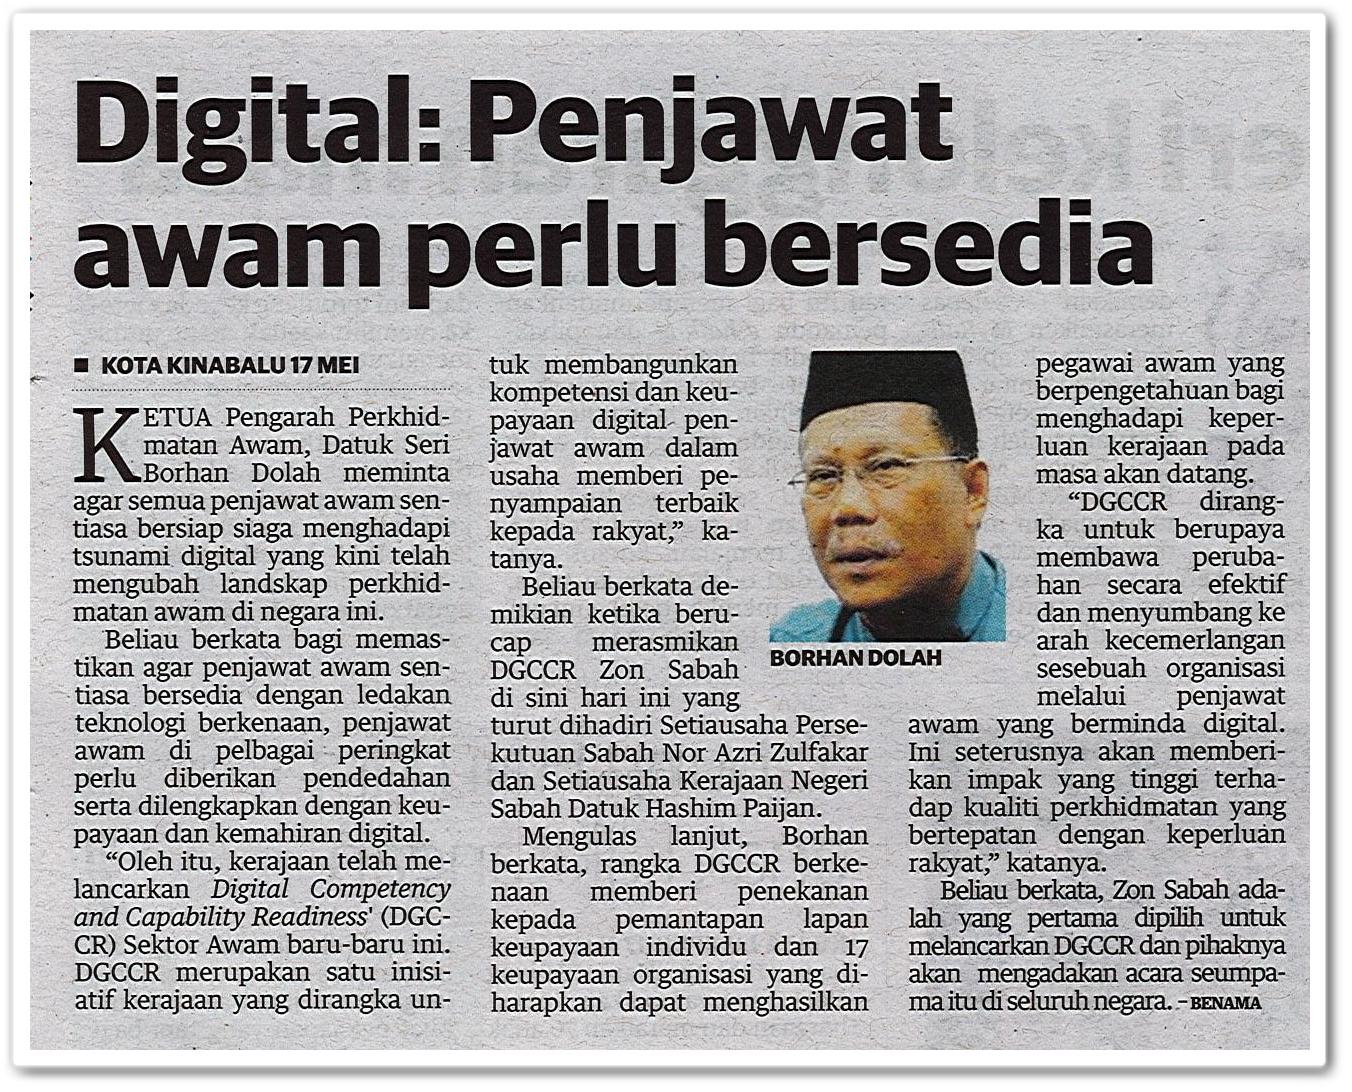 Digital : Penjawat awam perlu bersedia - Keratan akhbar Utusan Malaysia 18 Mei 2019